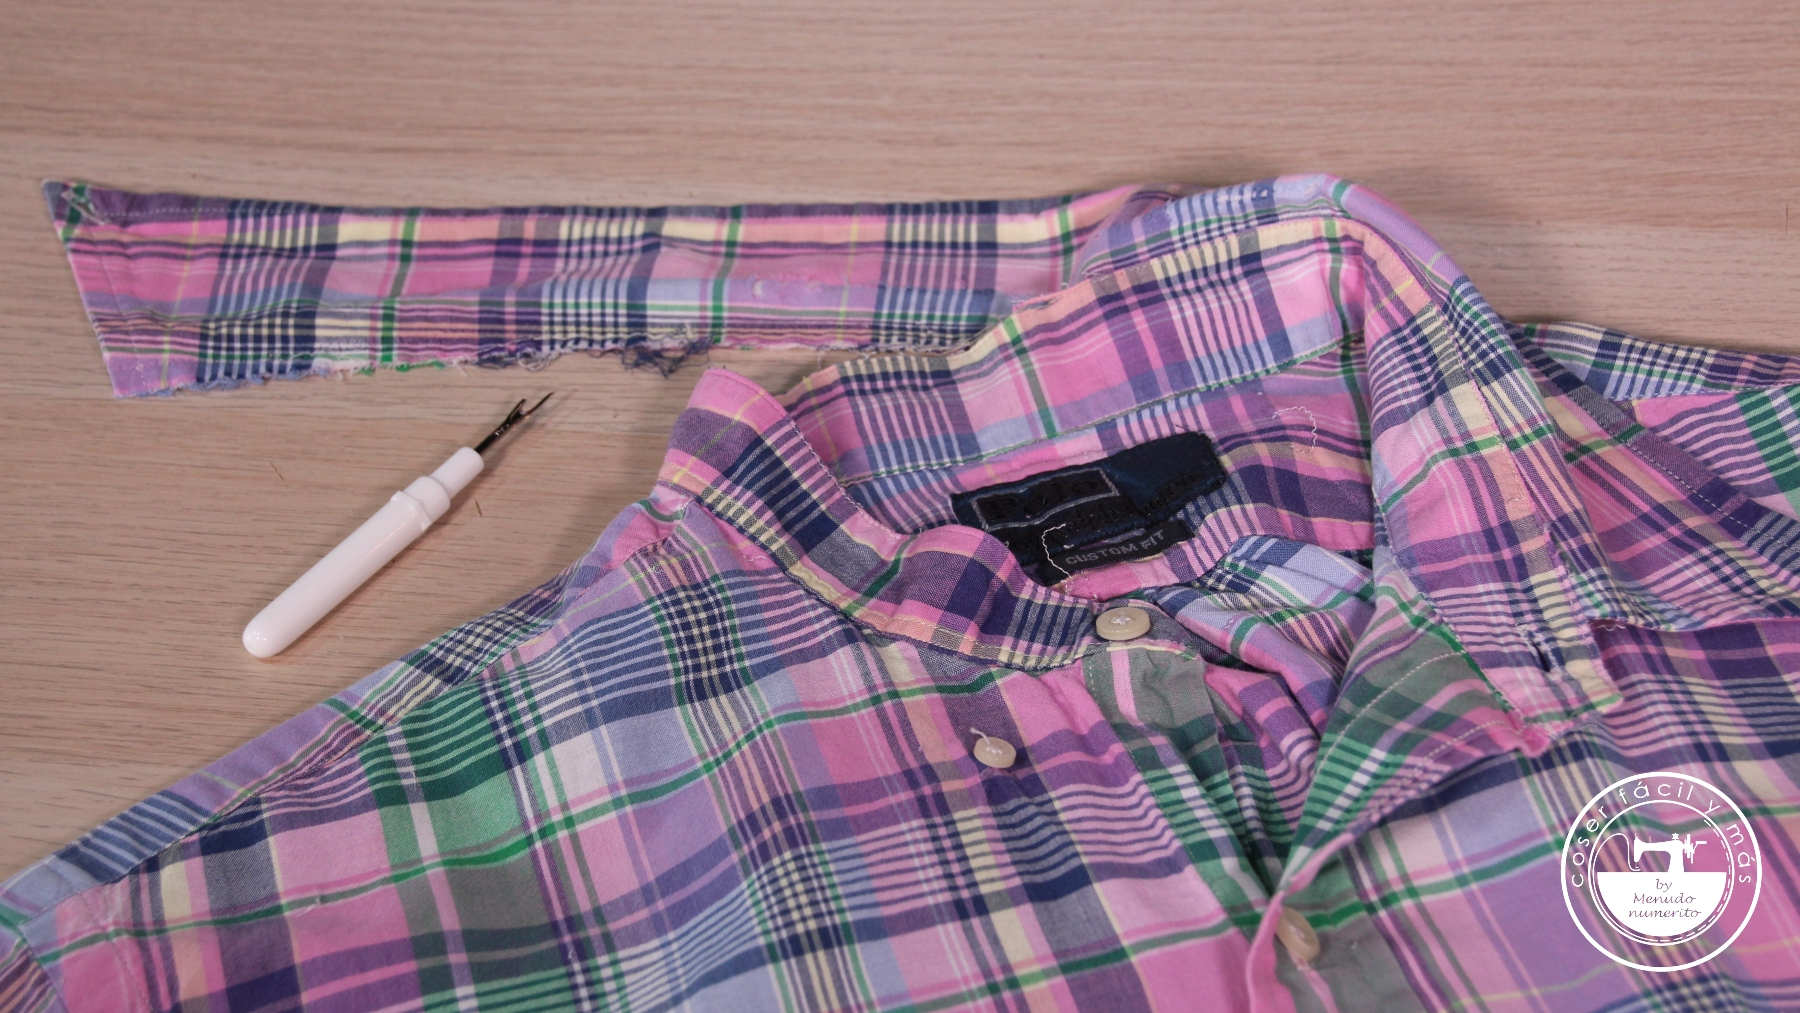 arreglar cuello camisa menudo numerito blogs de costura